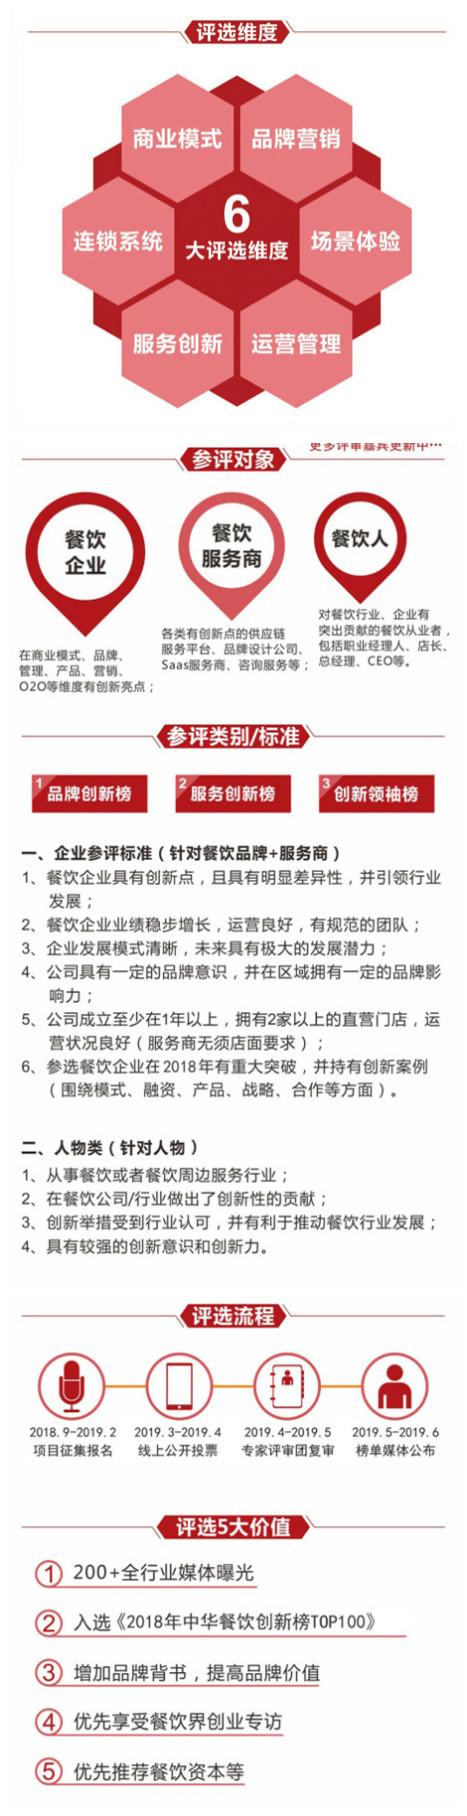 广州餐饮加盟展-第二届中华餐饮创新榜TOP100